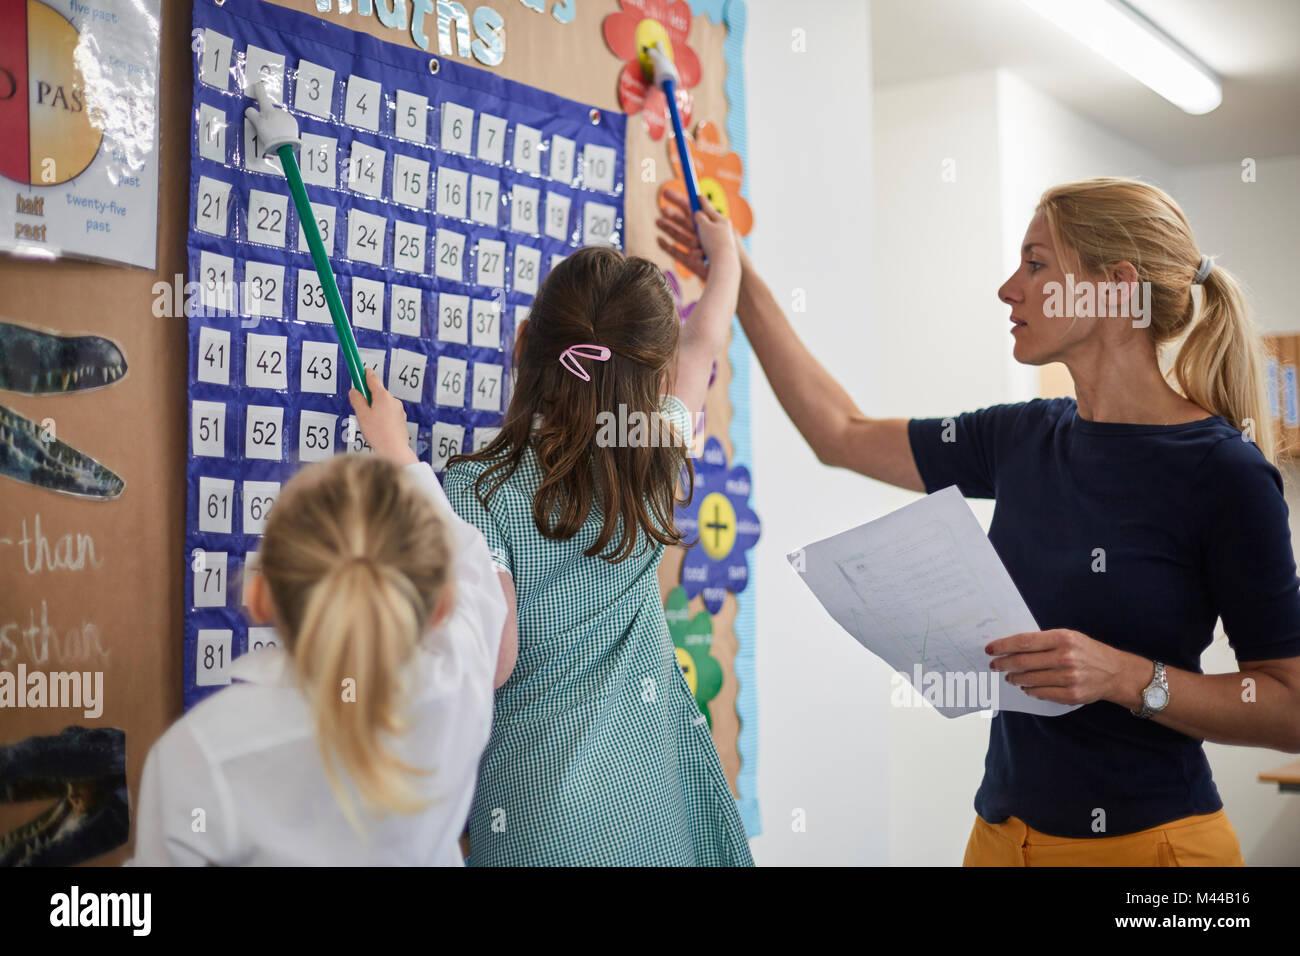 Avec l'enseignant ecolières pointing at nombre tableau mural dans la salle de classe à l'école Photo Stock